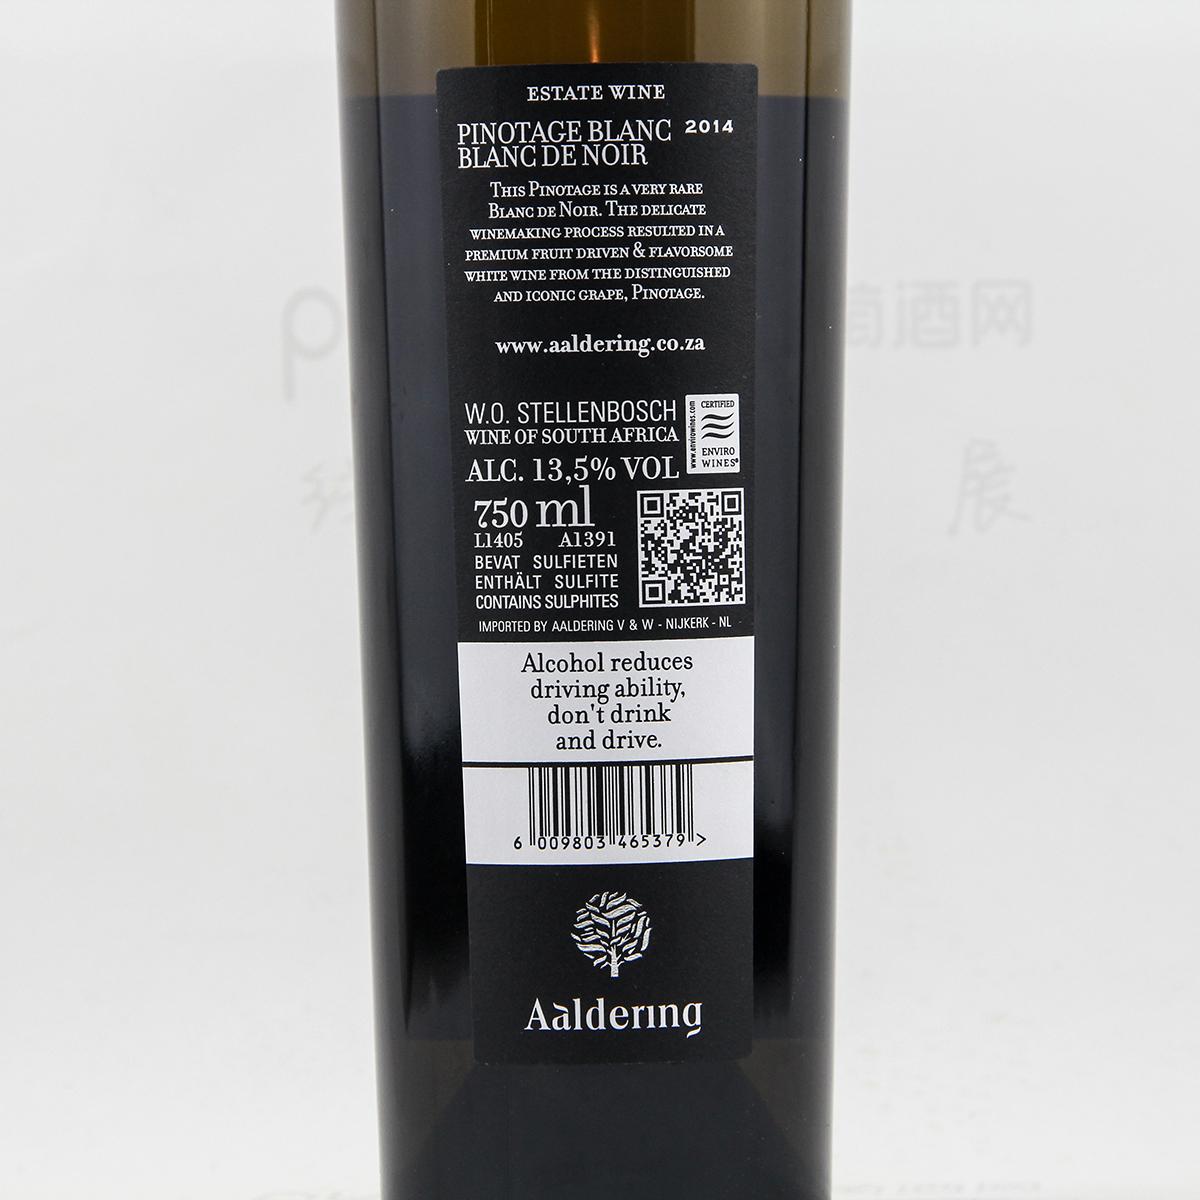 南非斯泰伦博斯奥德琳酒庄白品乐塔吉干白葡萄酒